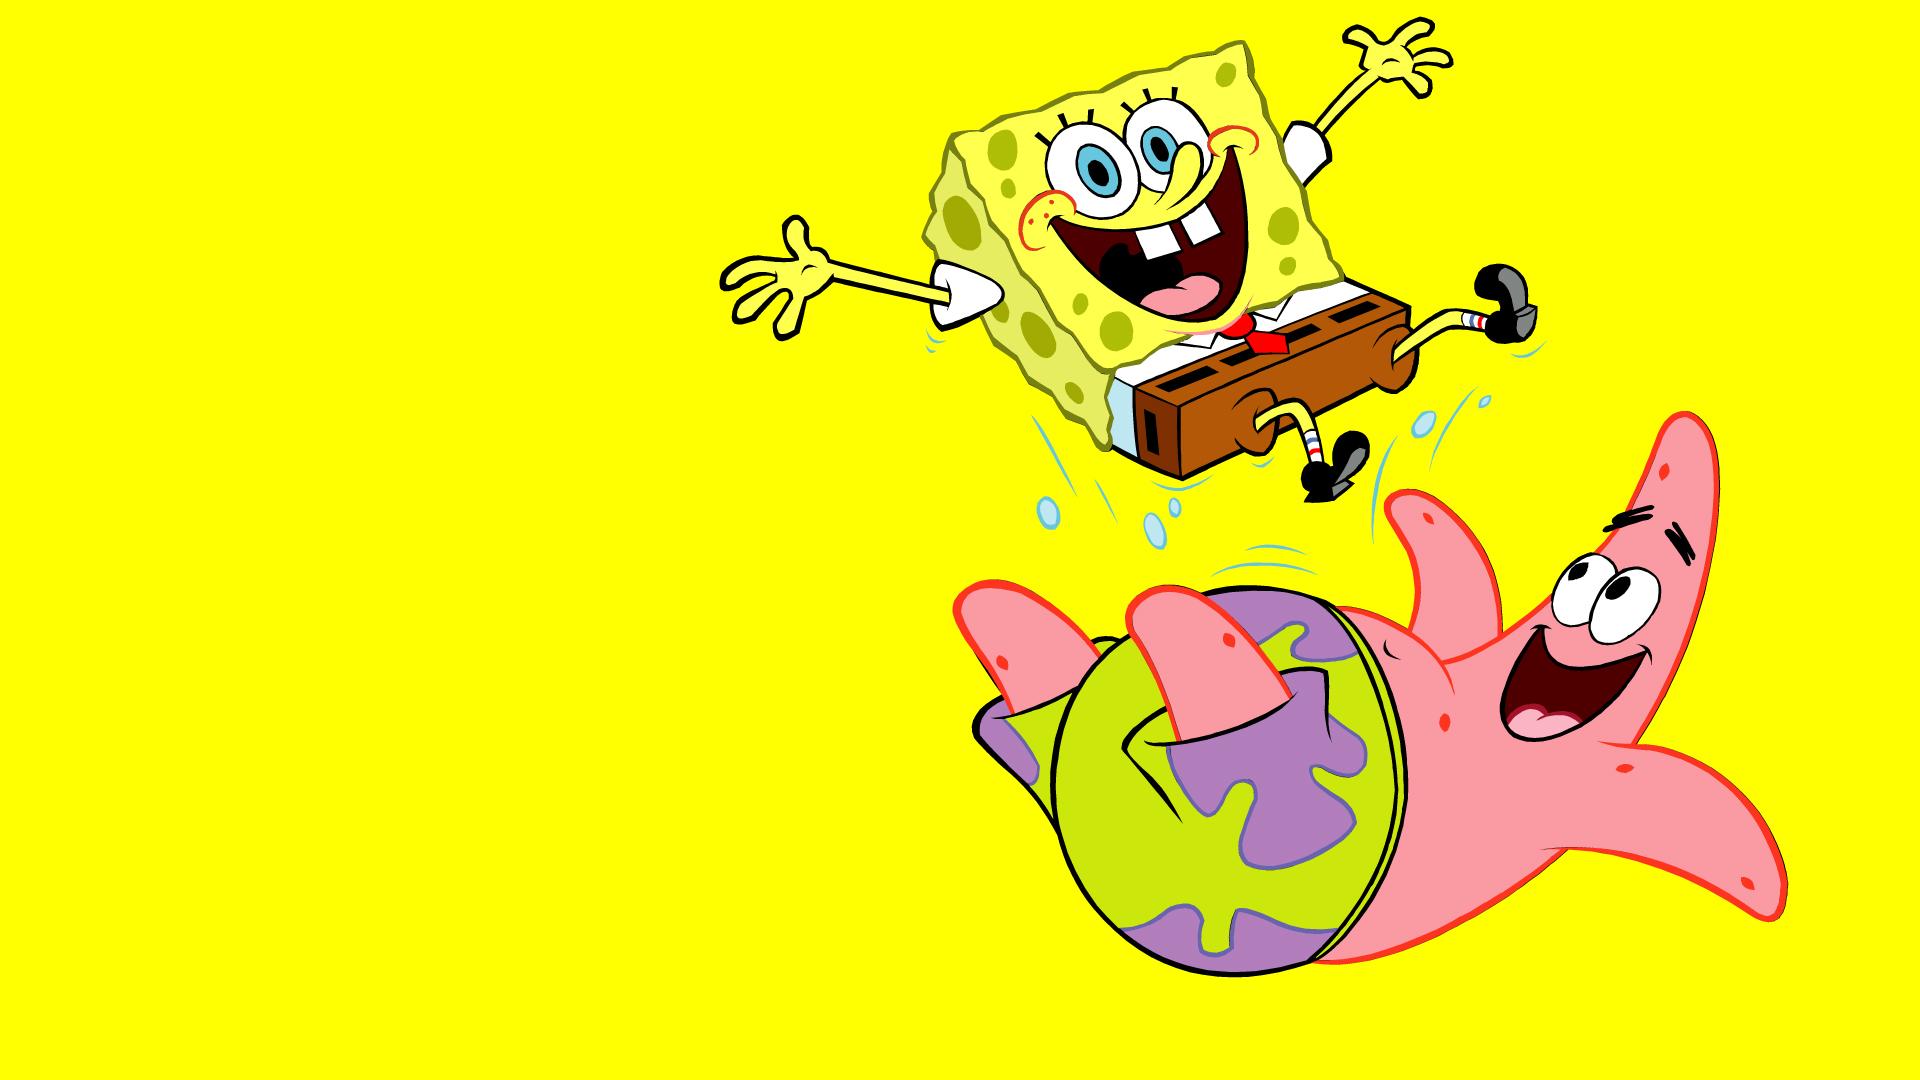 Spongebob Backgrounds free download | PixelsTalk.Net